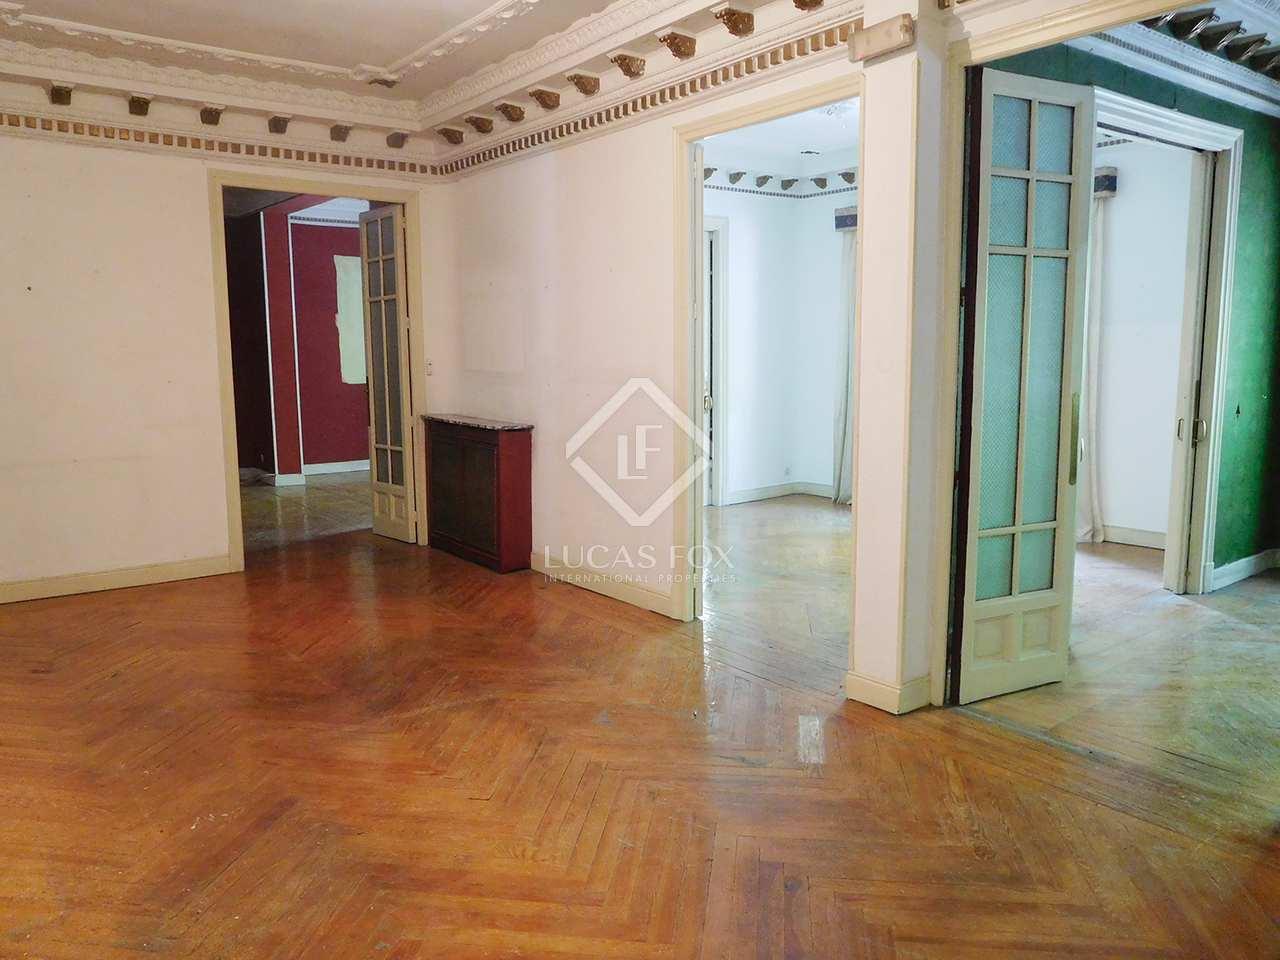 376m wohnung zum verkauf in recoletos madrid. Black Bedroom Furniture Sets. Home Design Ideas